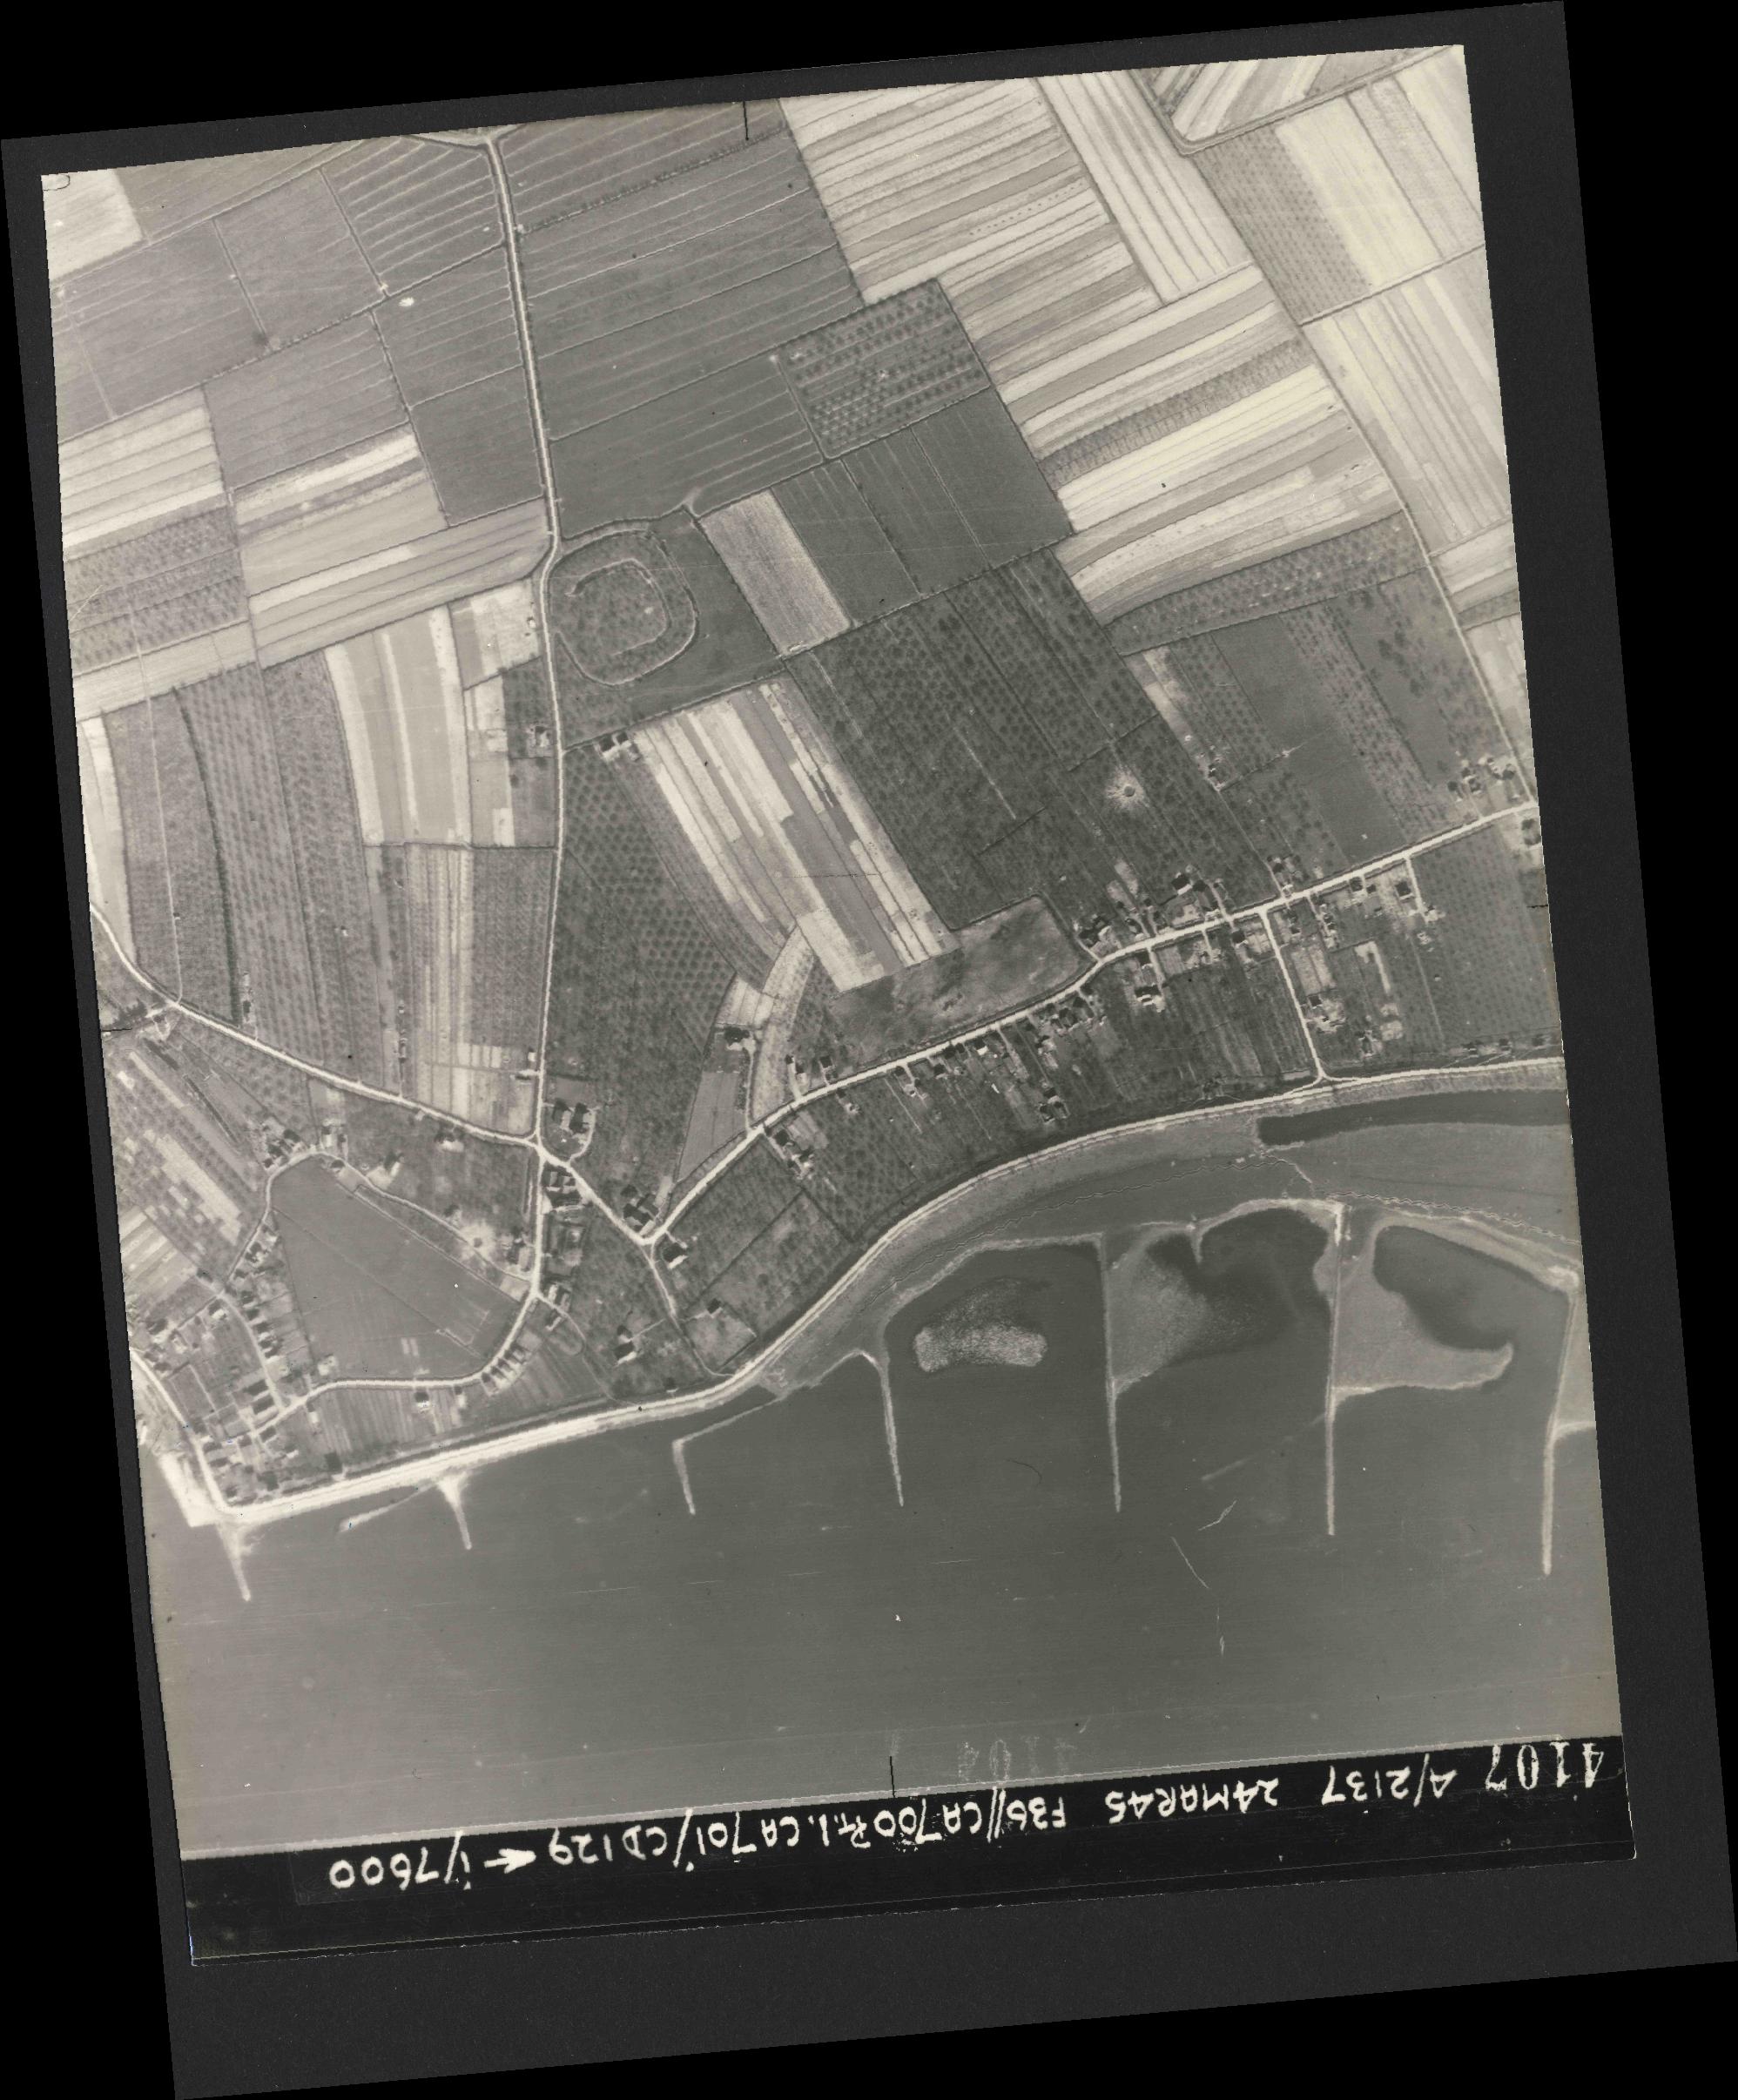 Collection RAF aerial photos 1940-1945 - flight 054, run 08, photo 4107